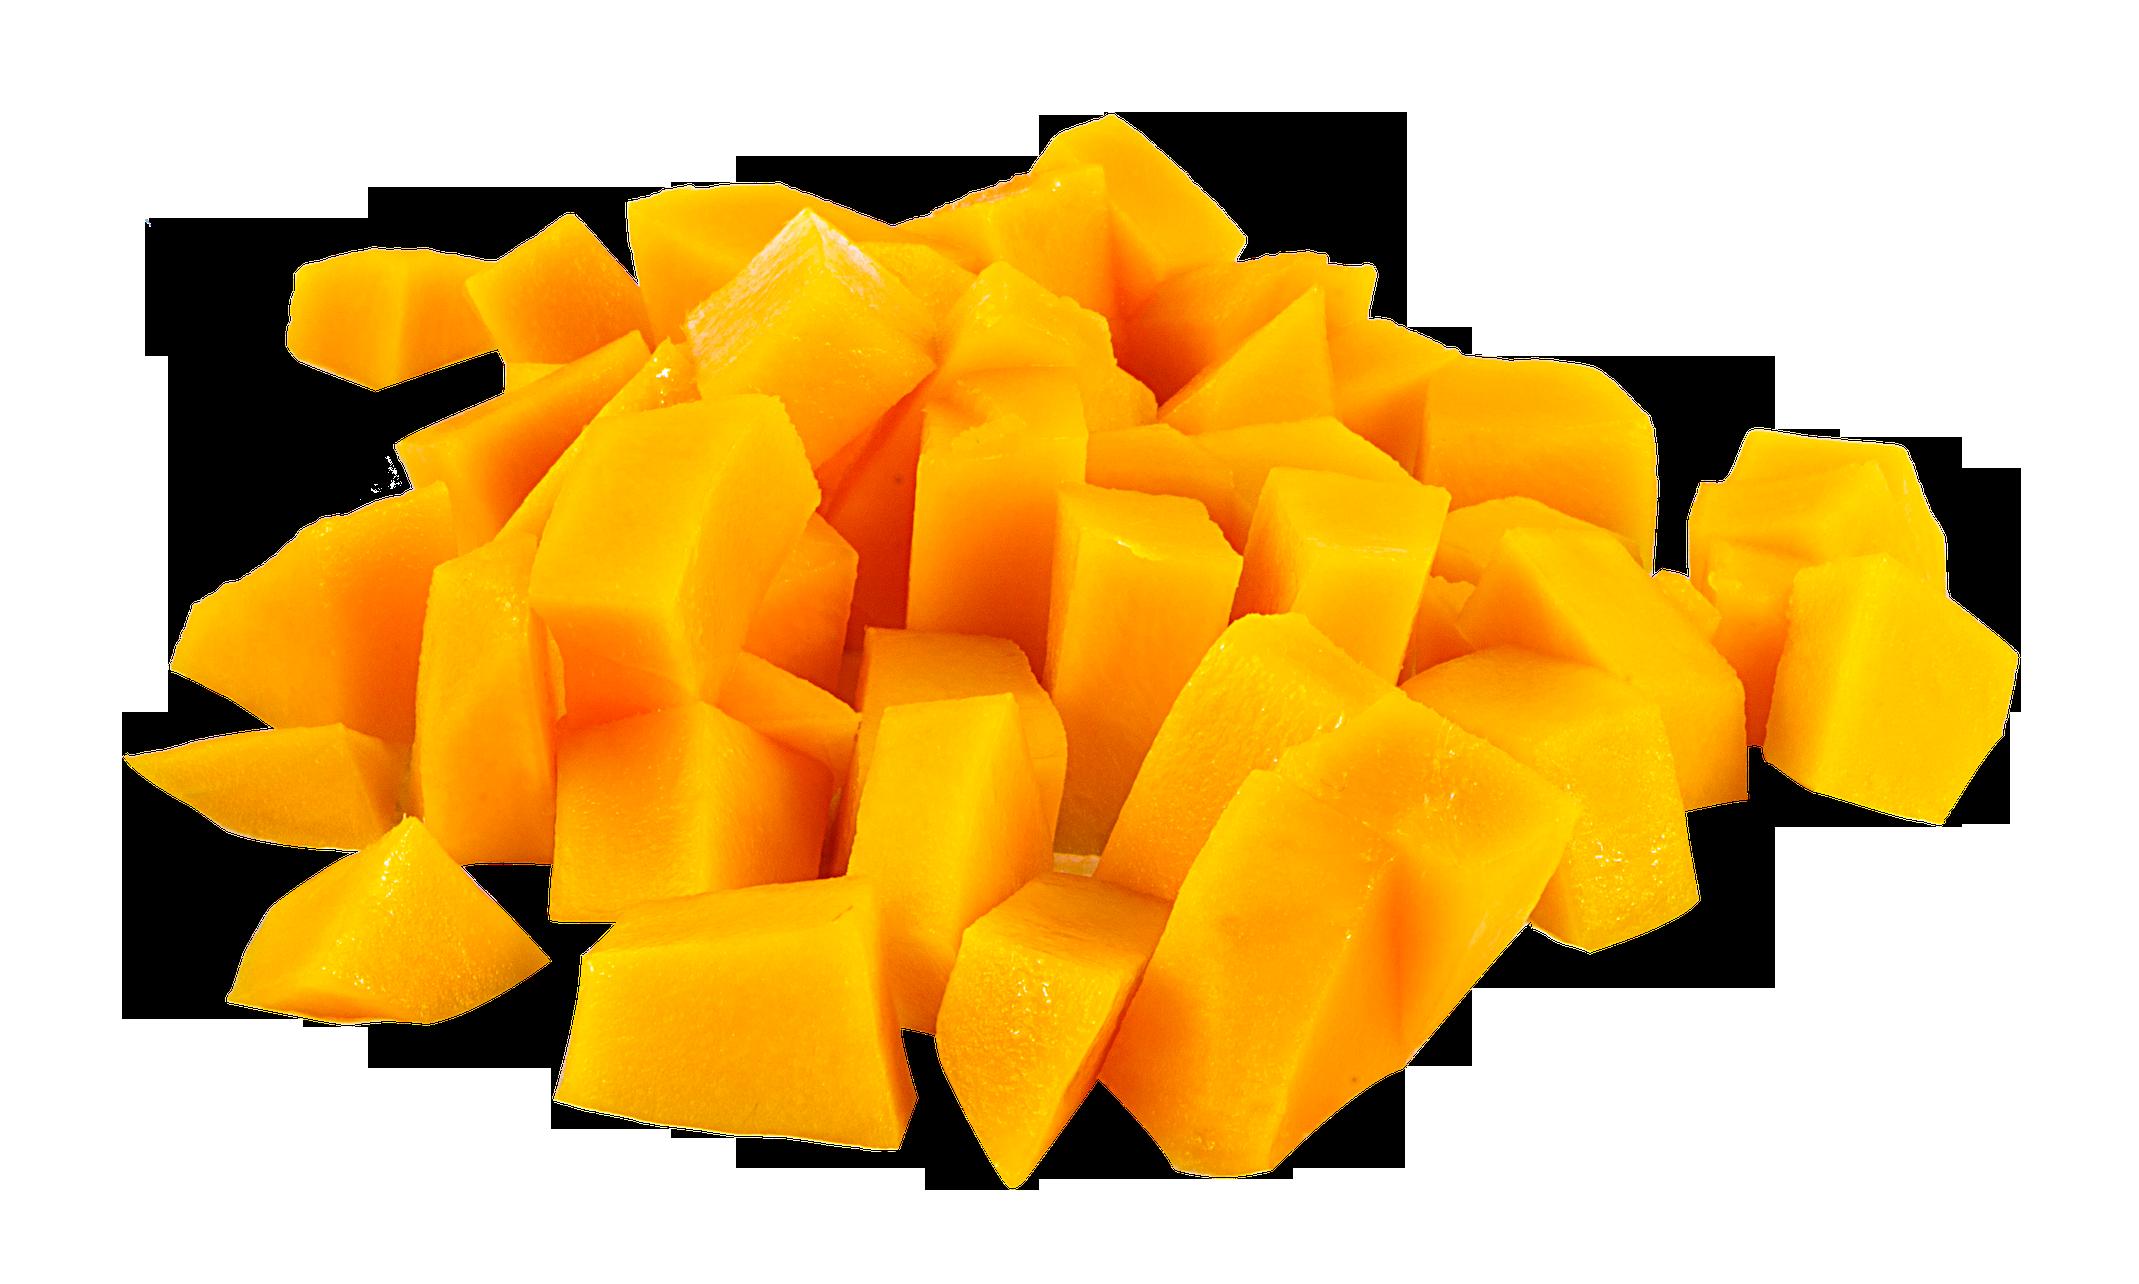 Mango Slice PNG Image